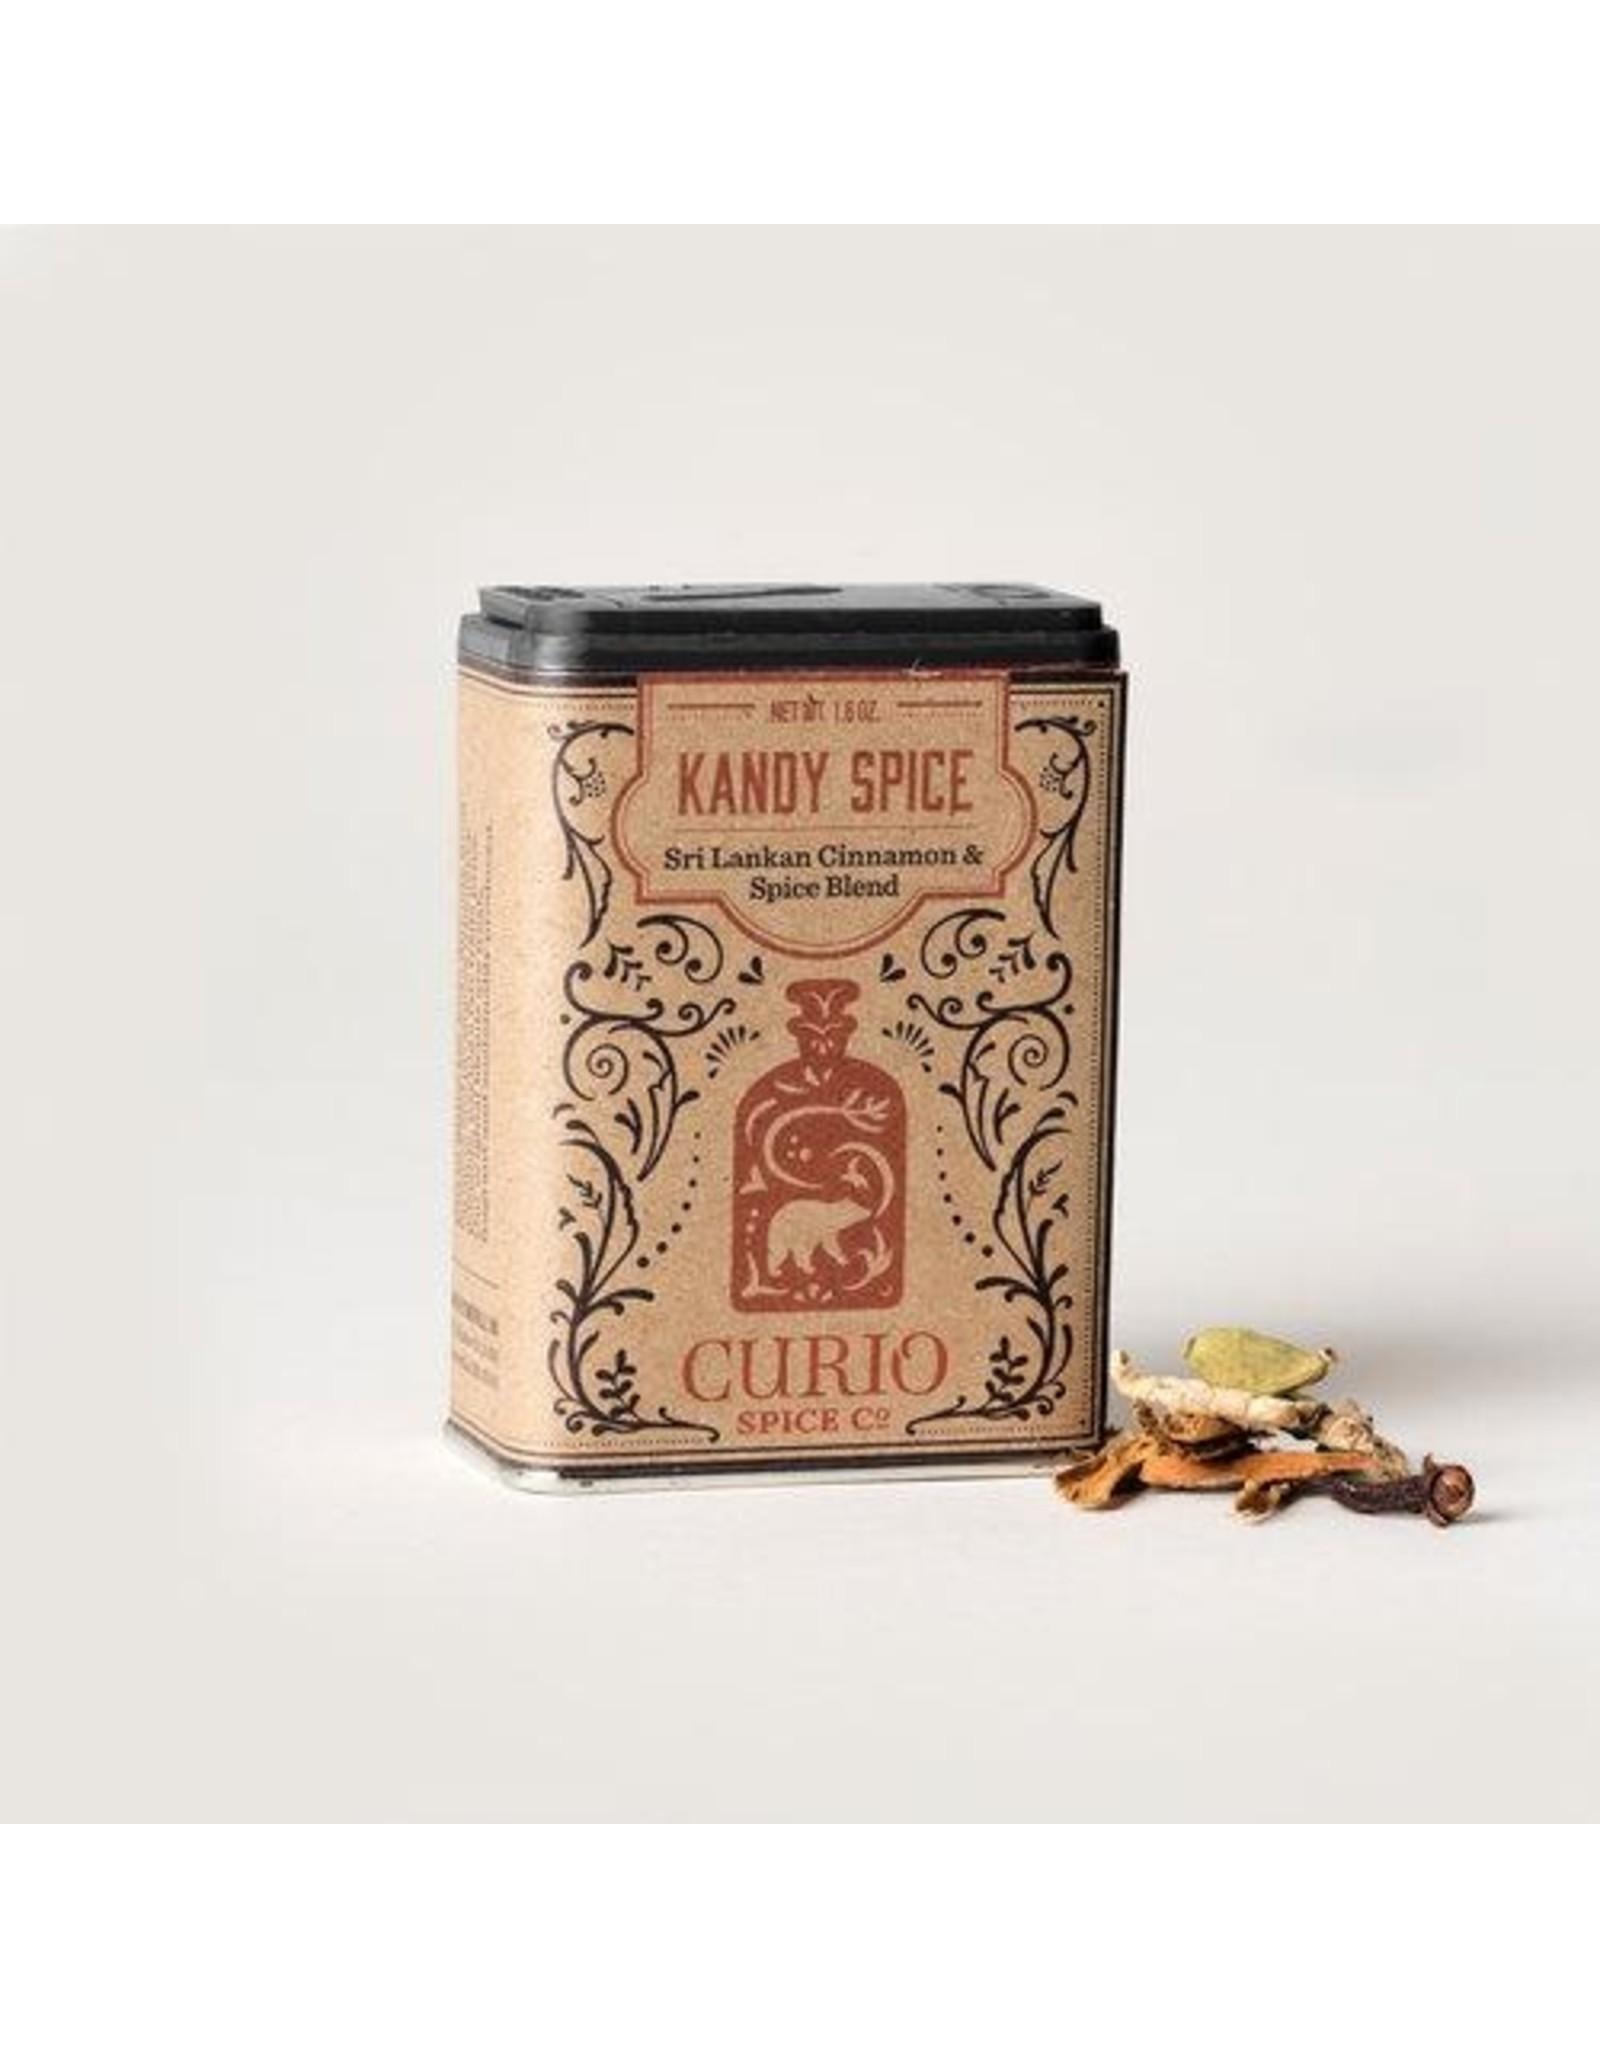 Curio Spice Co. Curio Spice (Kandy Spice)